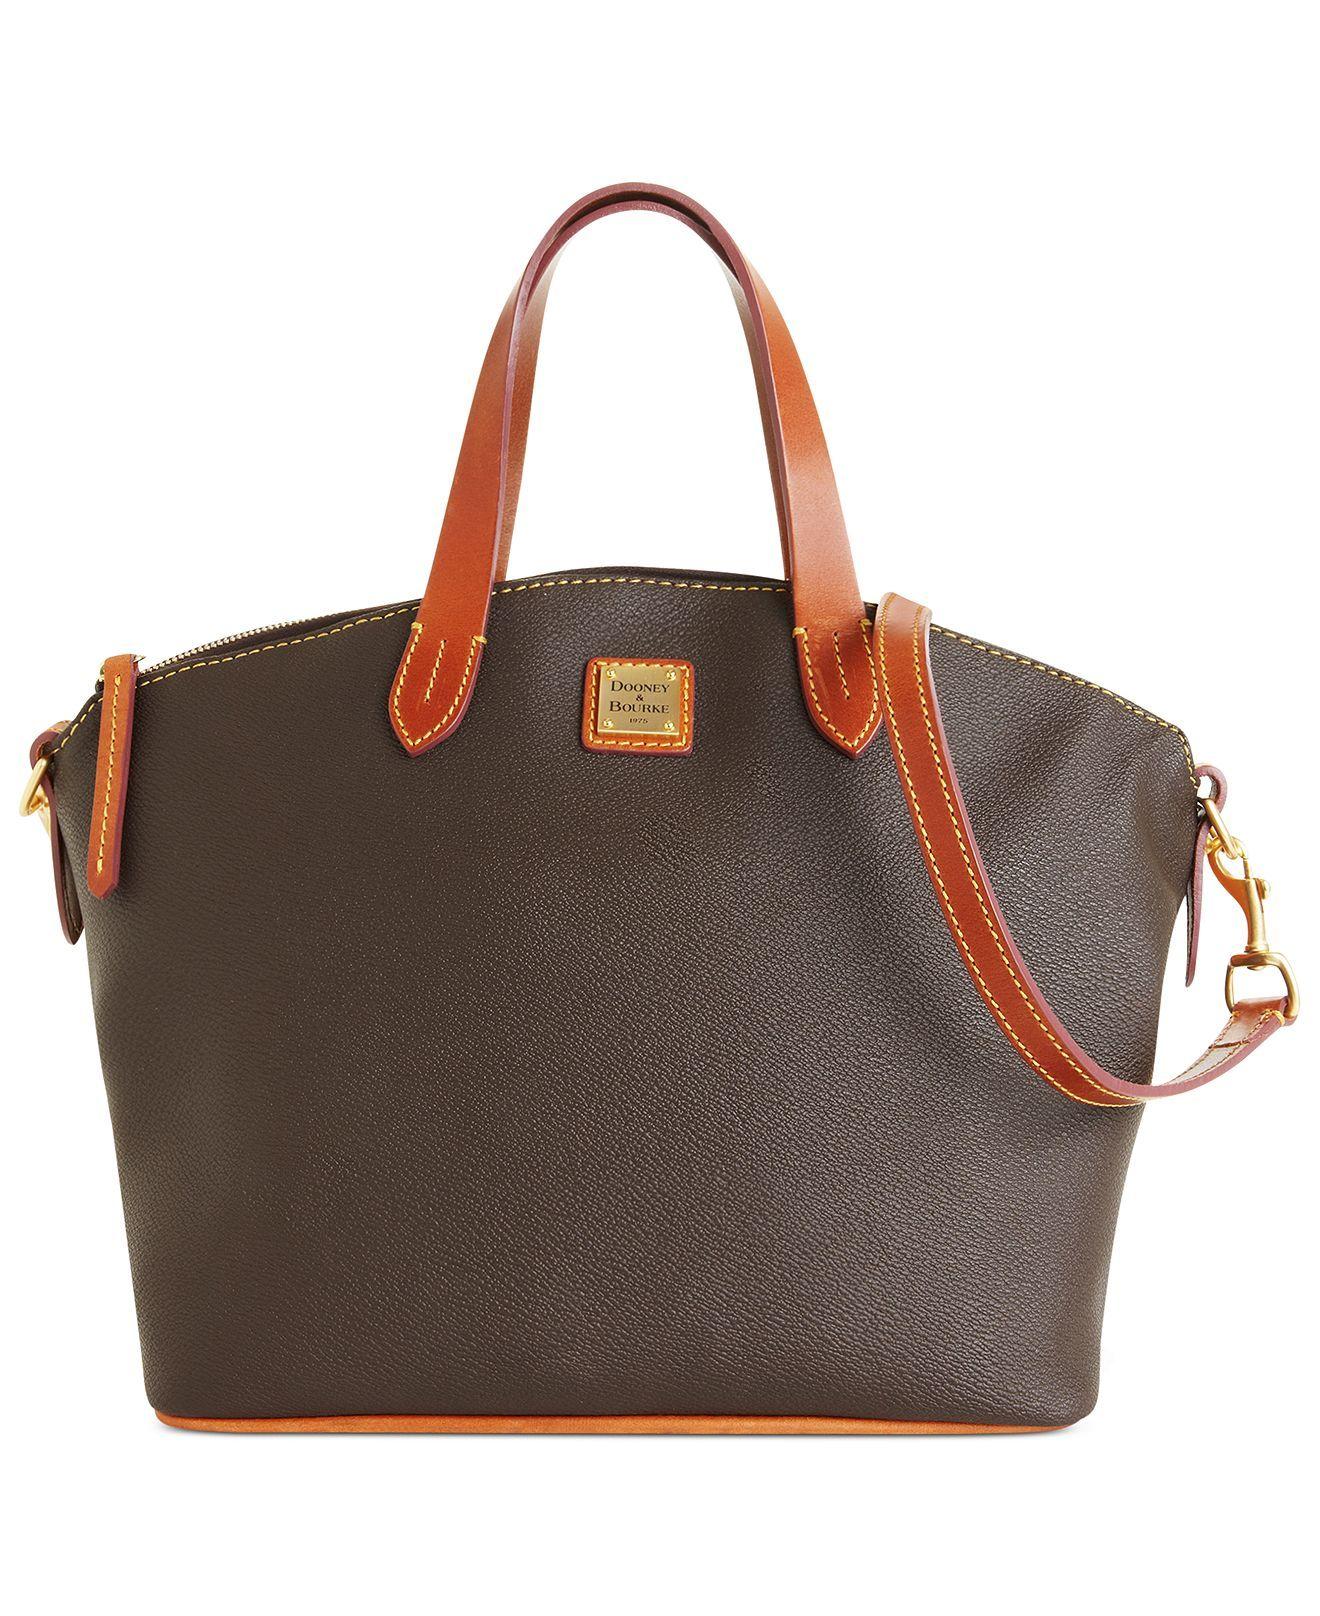 Dooney And Bourke Handbags Macy S